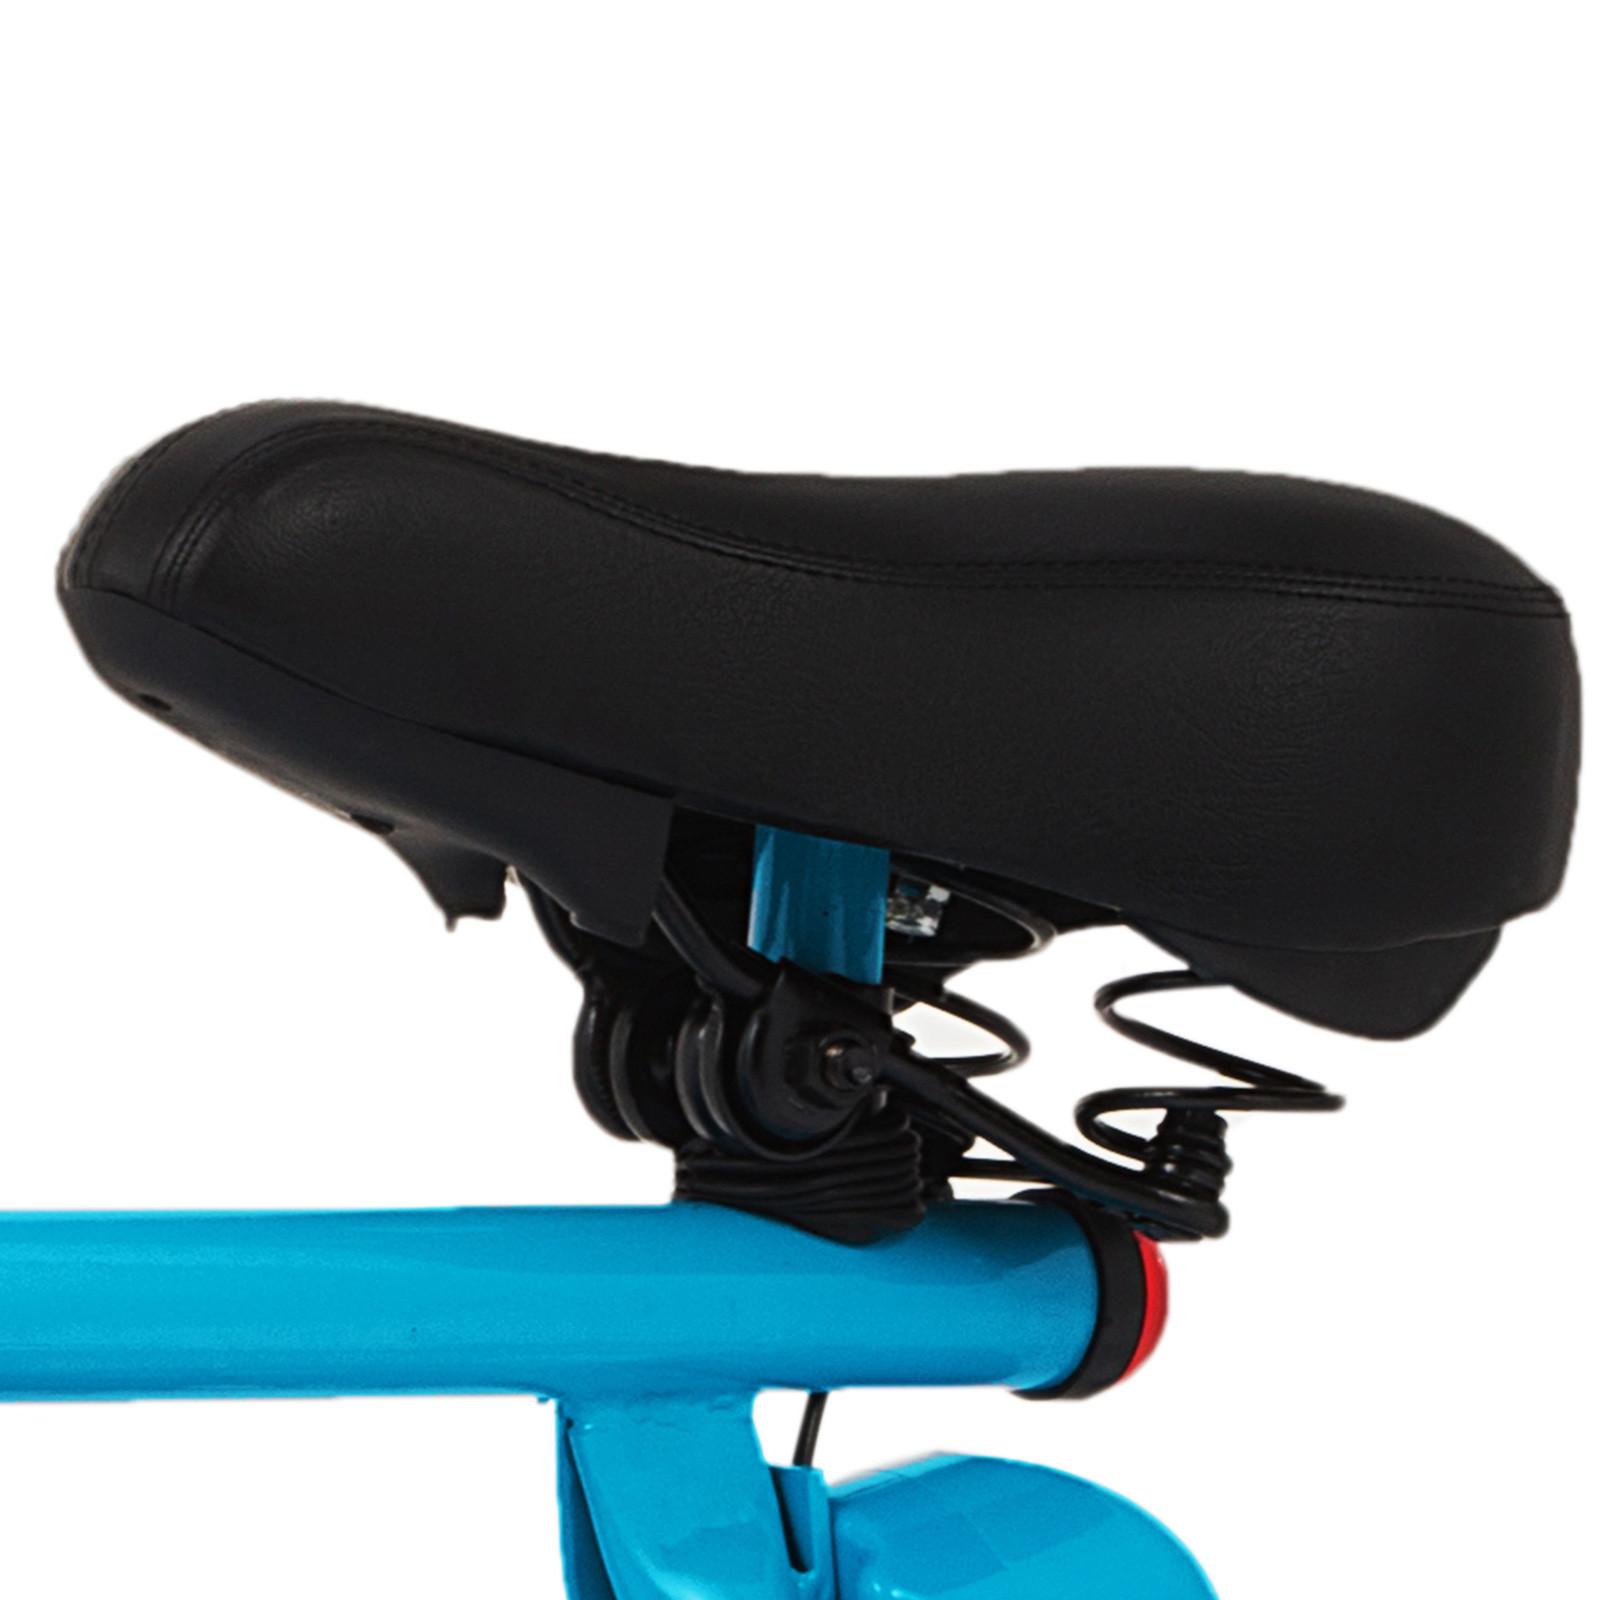 Folding-Electric-Bicycle-E-Bike-36v-battery-amp-400-Watt-Motor-Portable-eBike-FF thumbnail 20